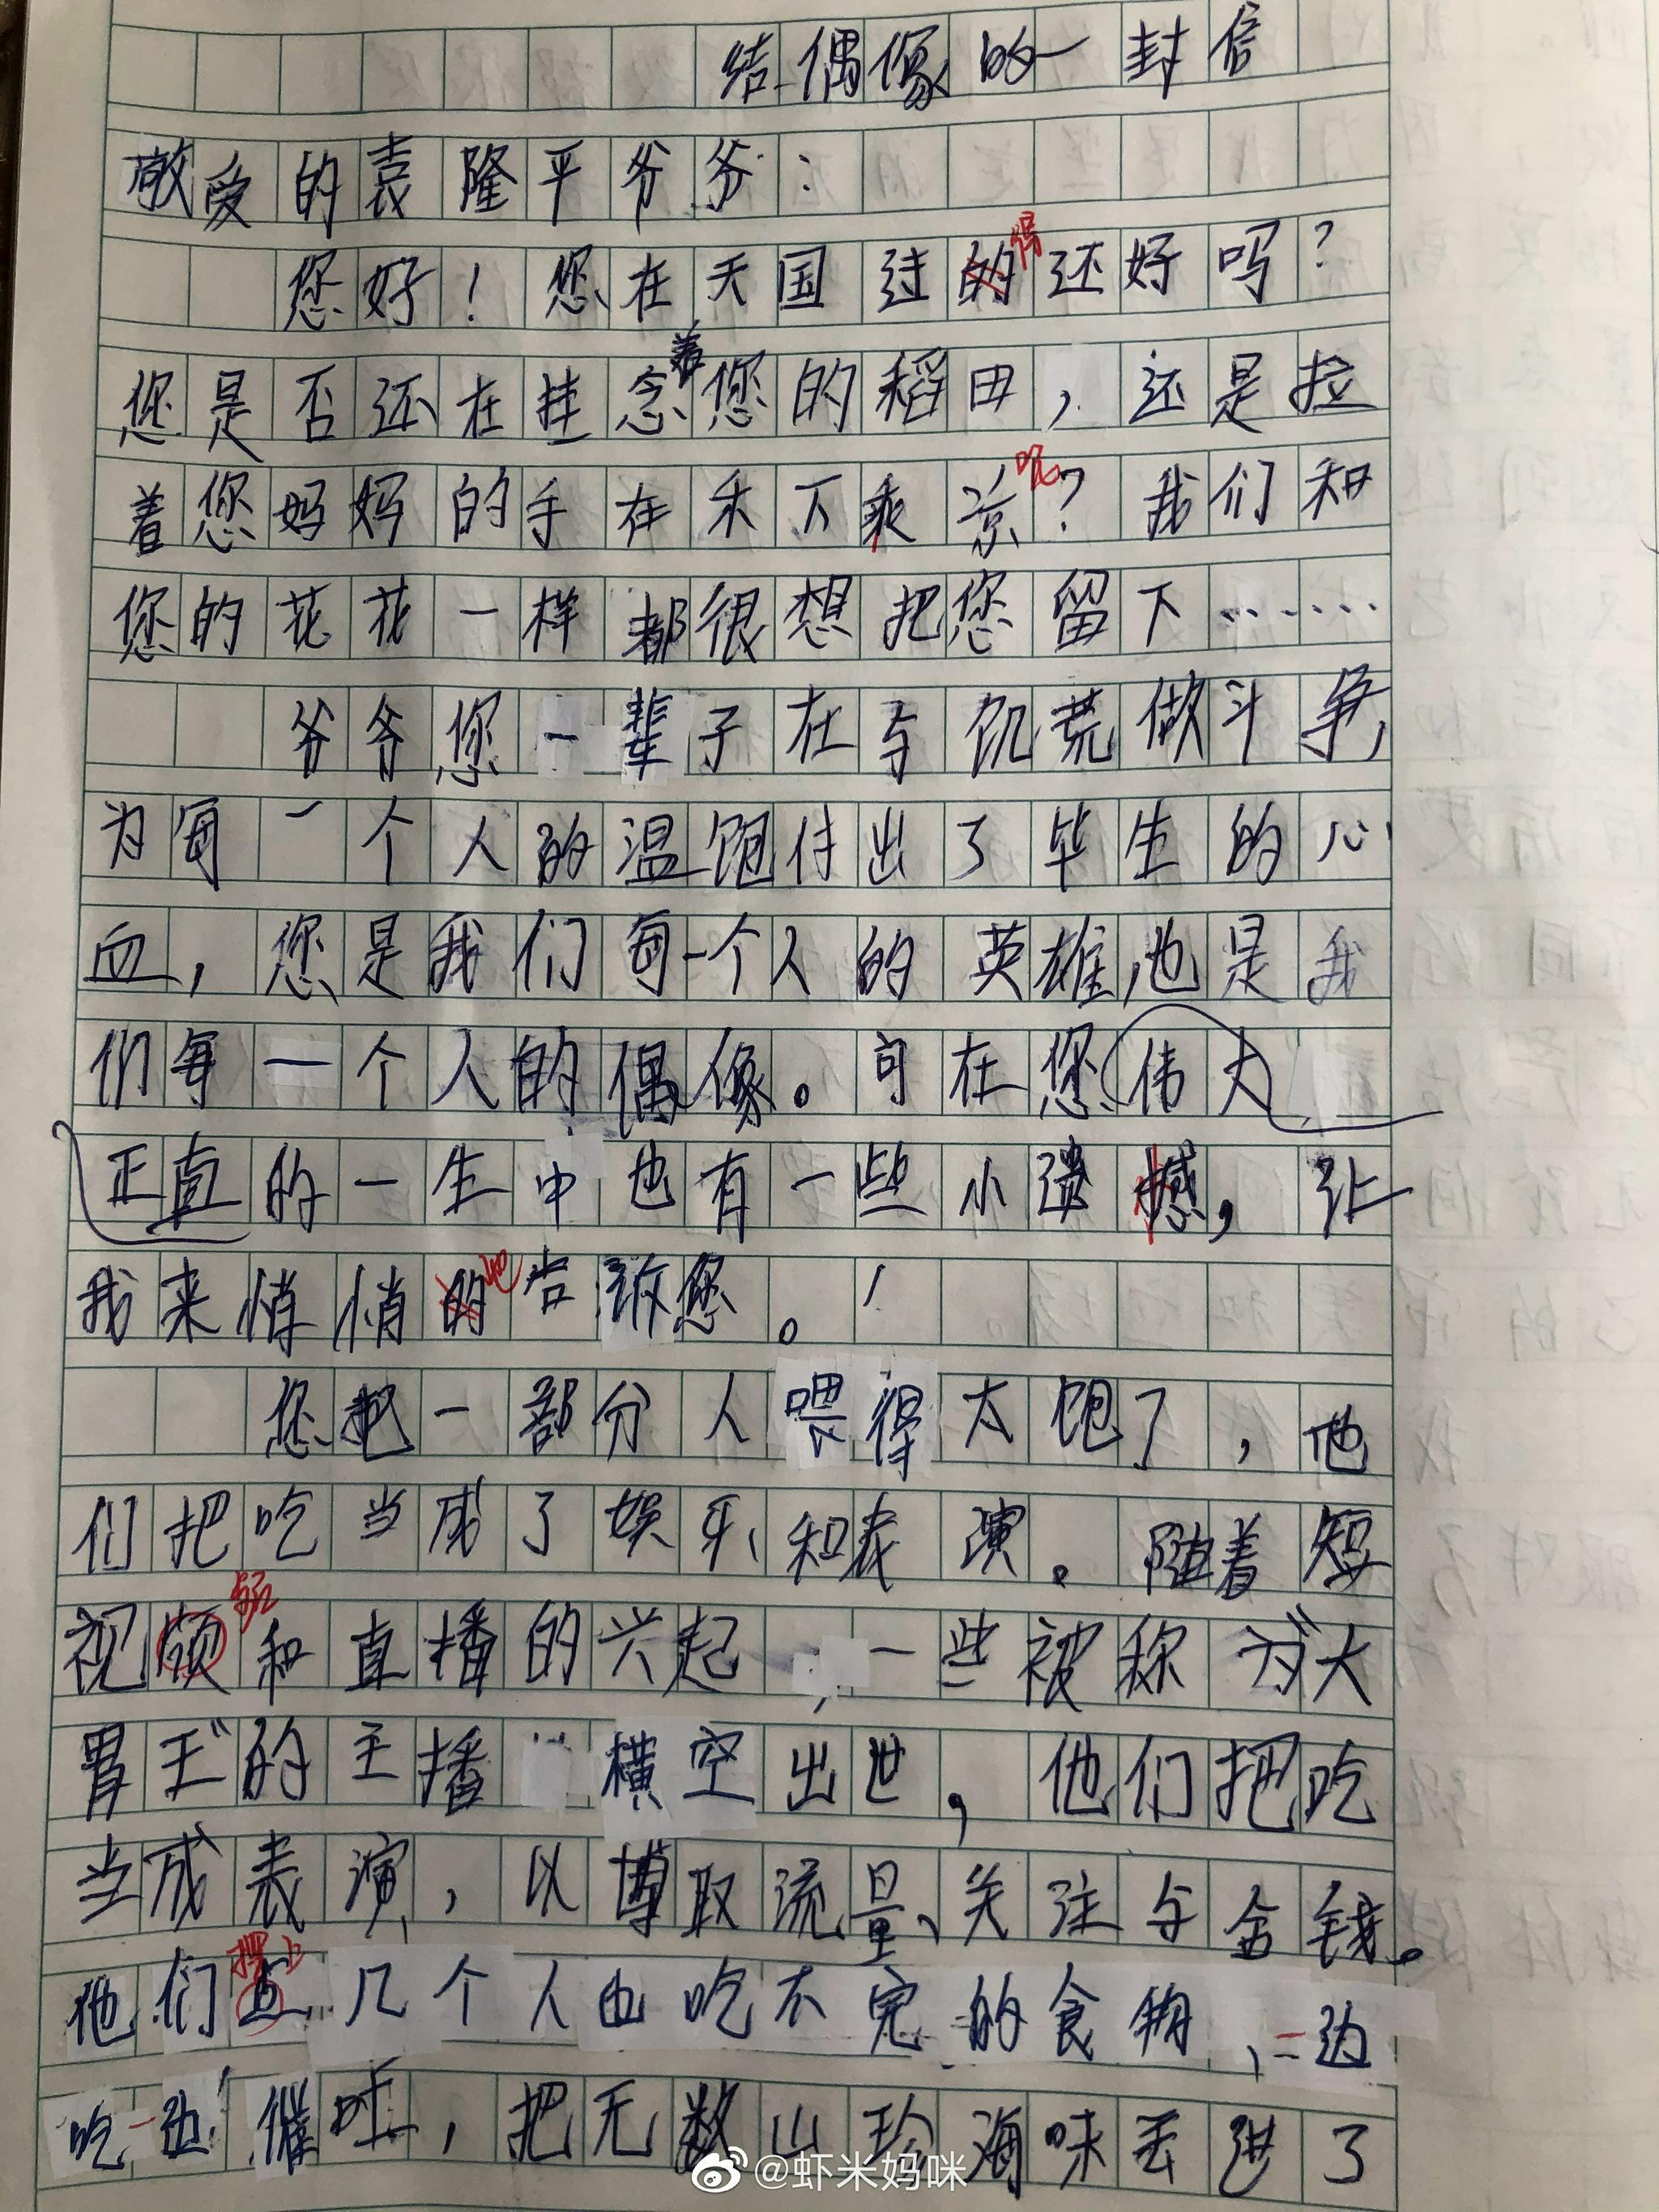 王同学正在龙飞凤舞补暑假作业 老师布置的一篇作文《给偶像的一封信》